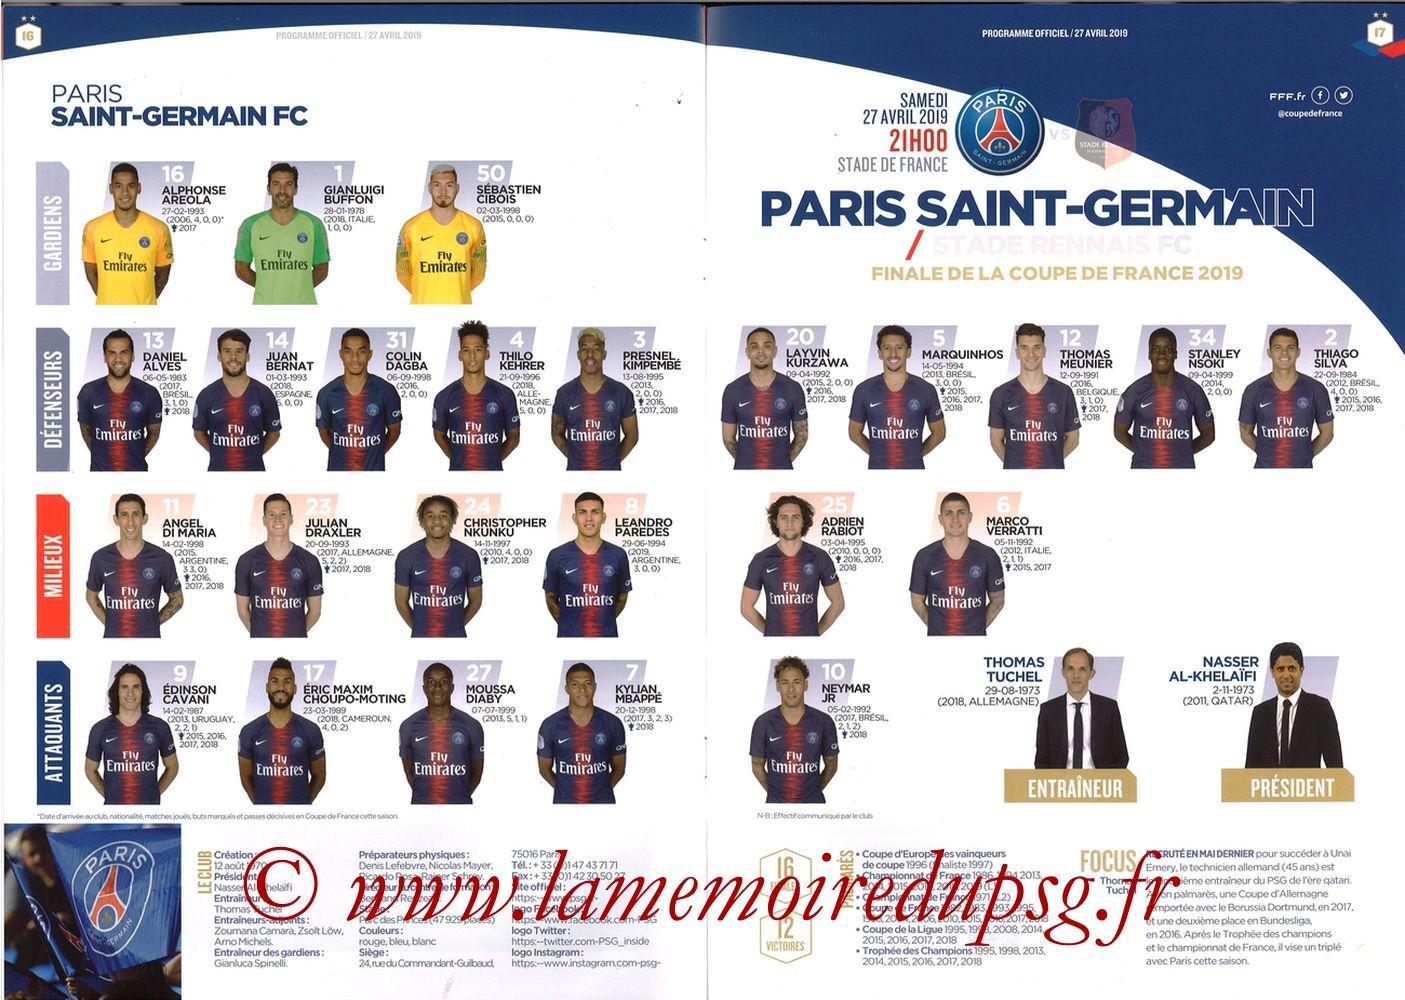 2019-04-27  Rennes-PSG (Finale CF au Stade de France, Programme officiel FFF) - Pages 16 et 17